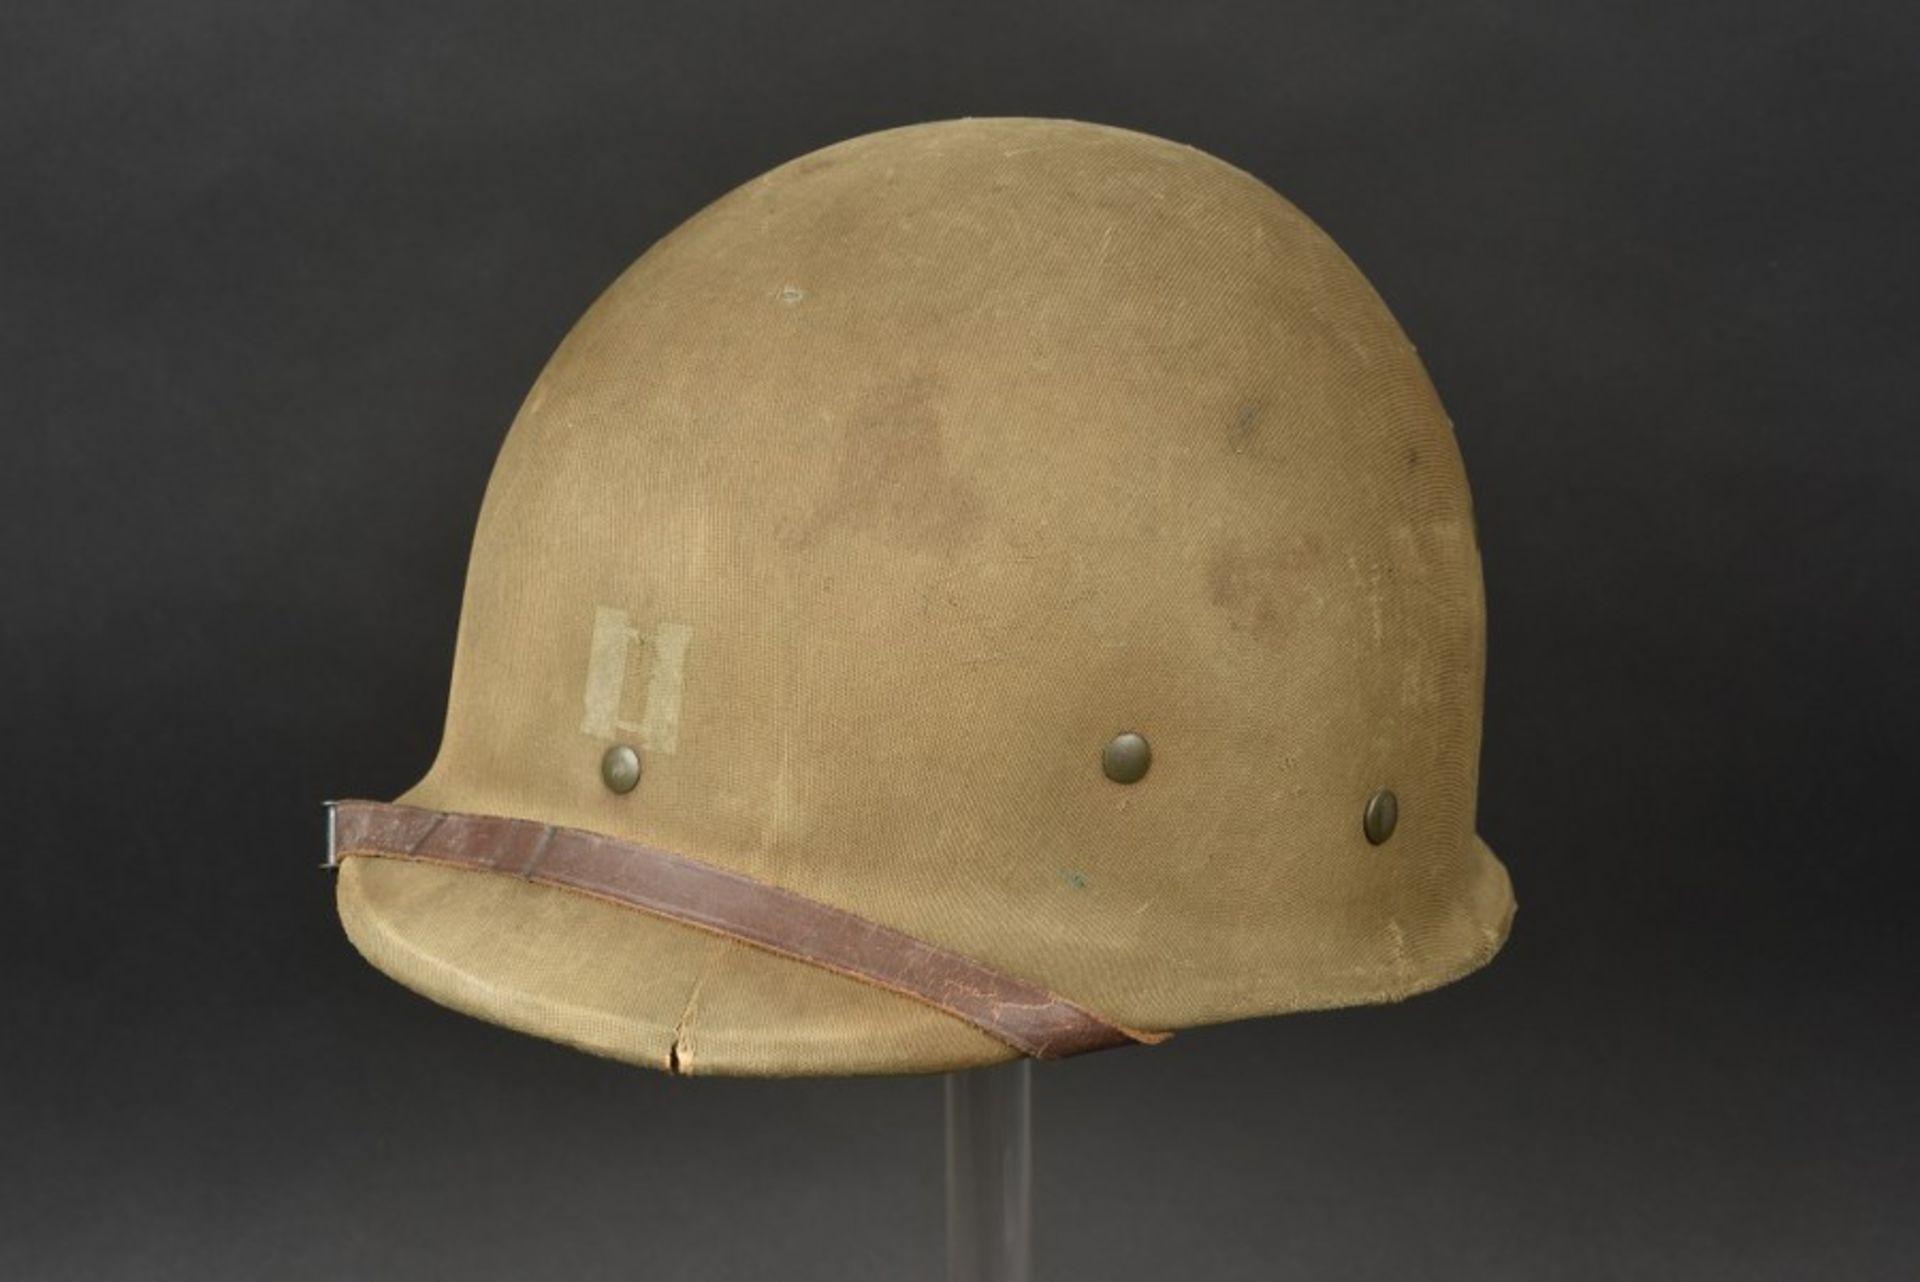 Liner Hawley de capitaine US Hawley Helmet Liner, US CaptainLiner carton, fabrication Hawley.